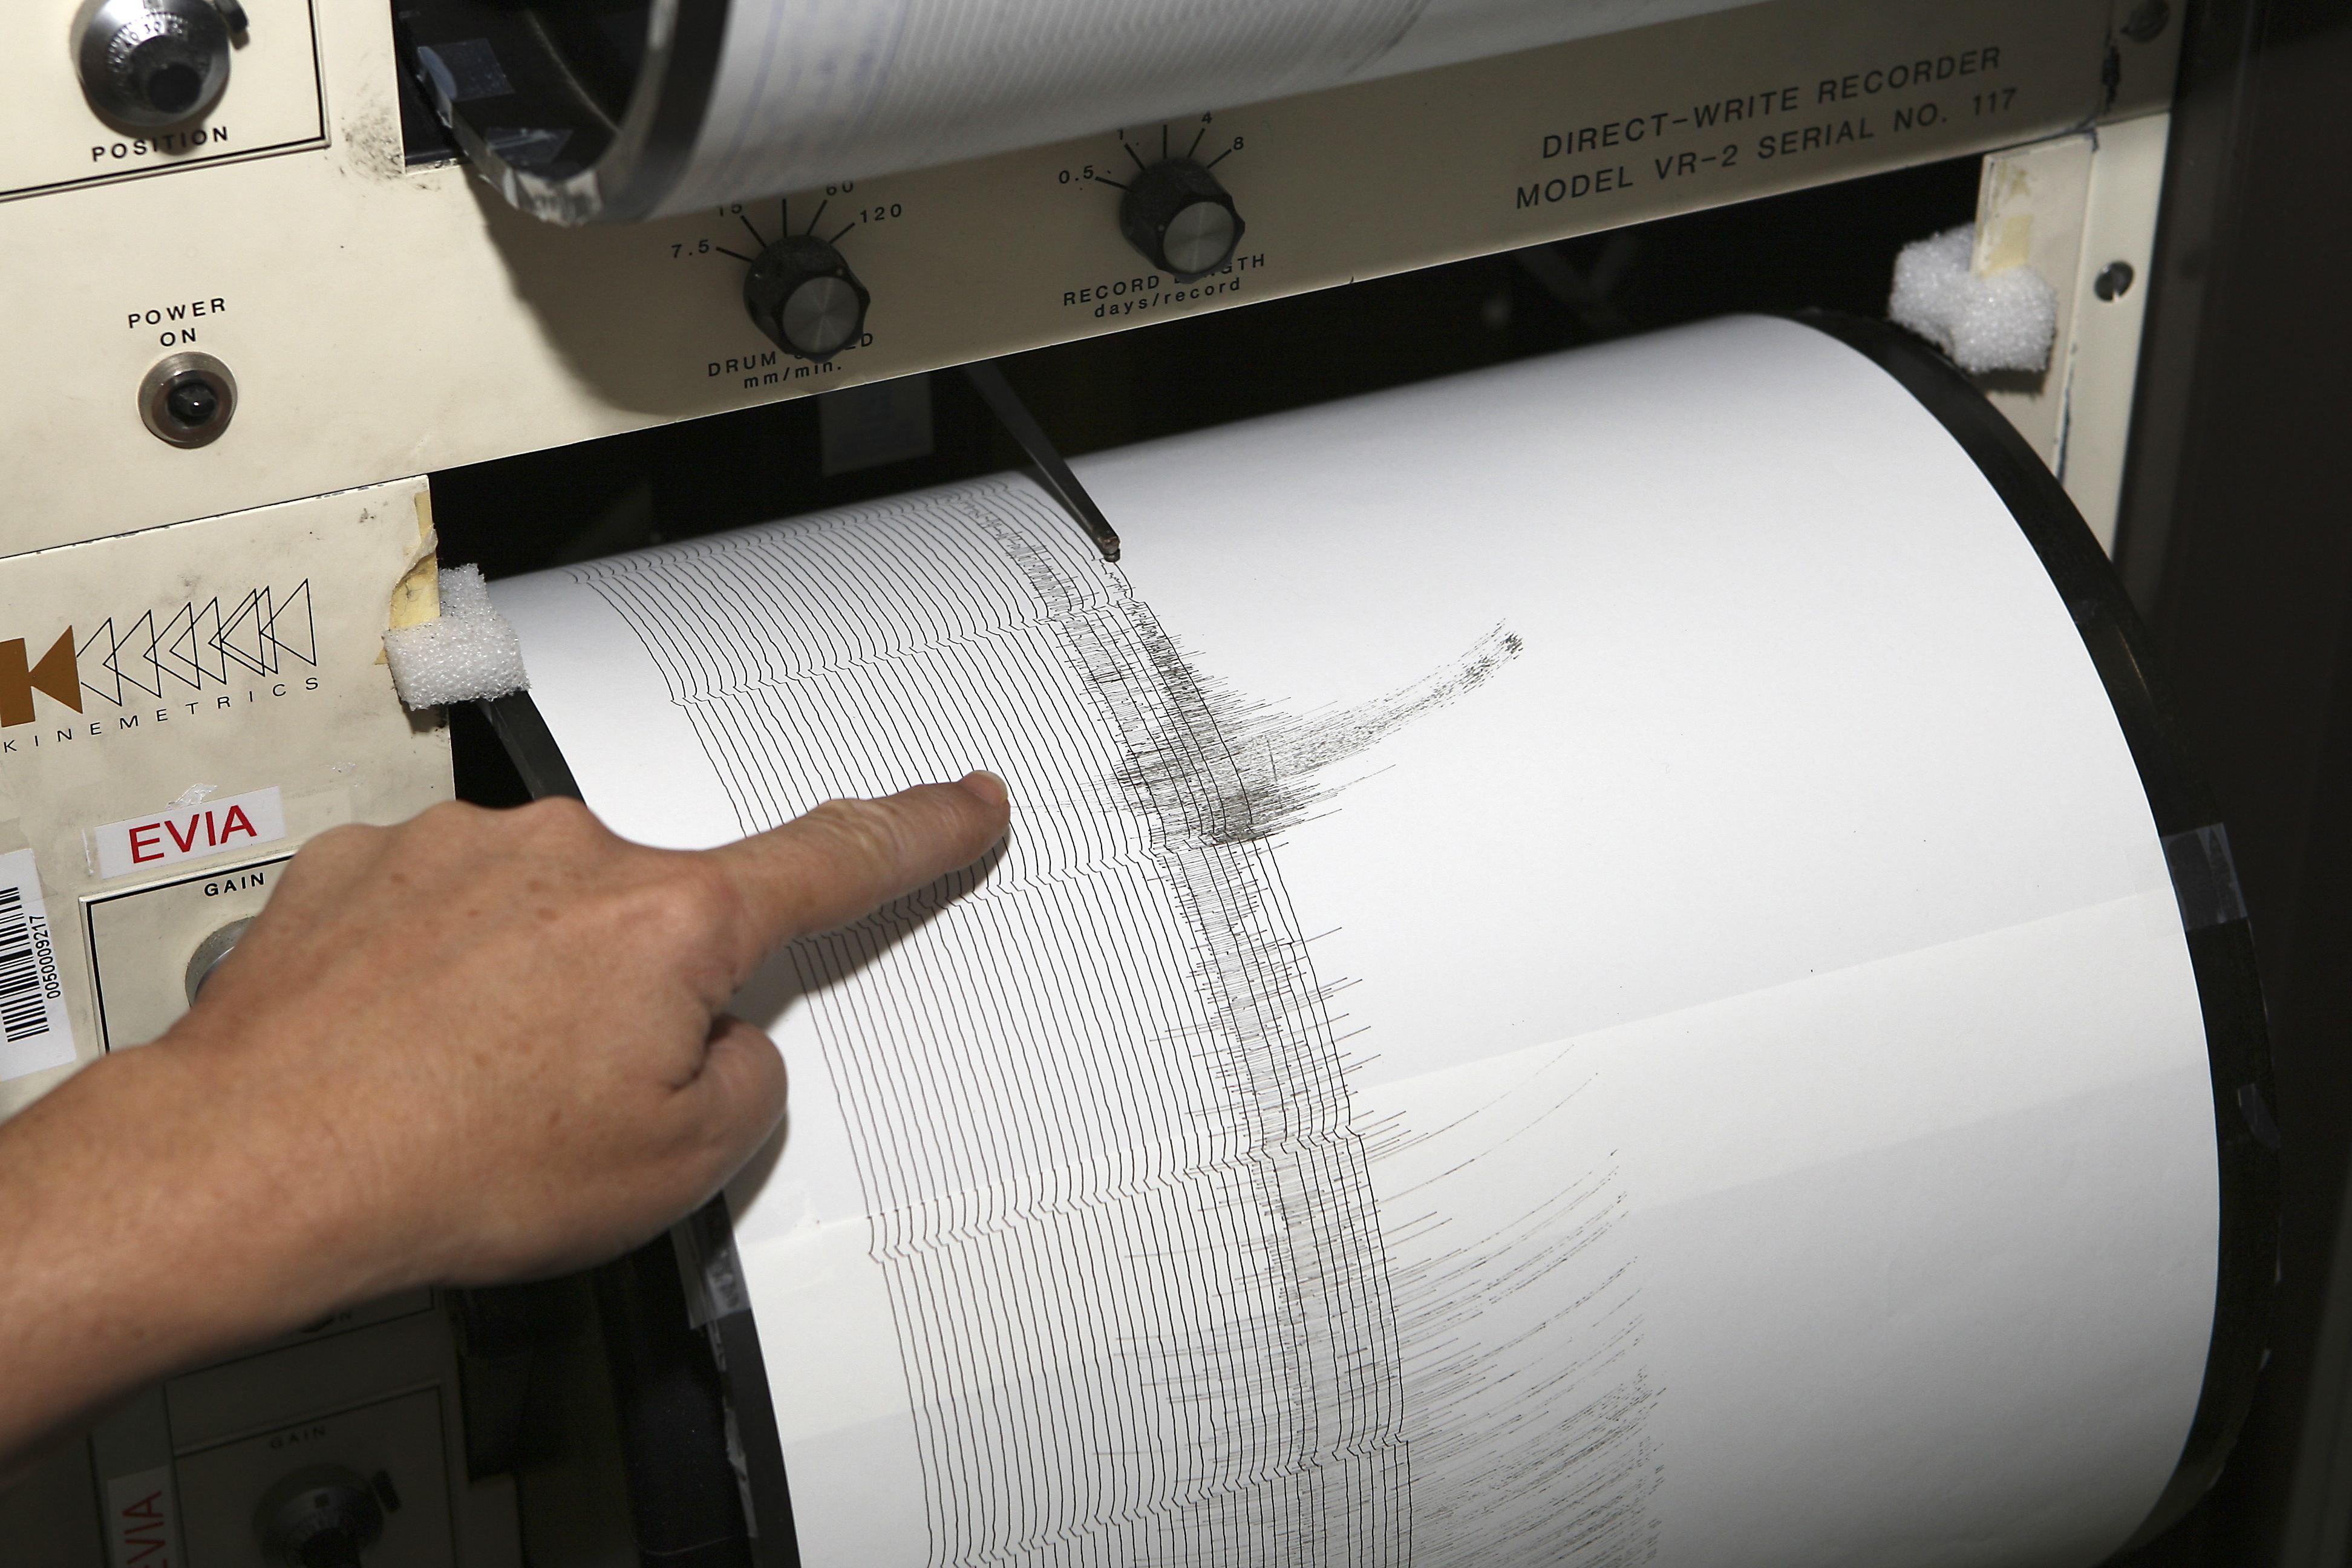 Terremoto: scossa di magnitudo 3.3 alle porte dell'Aquila